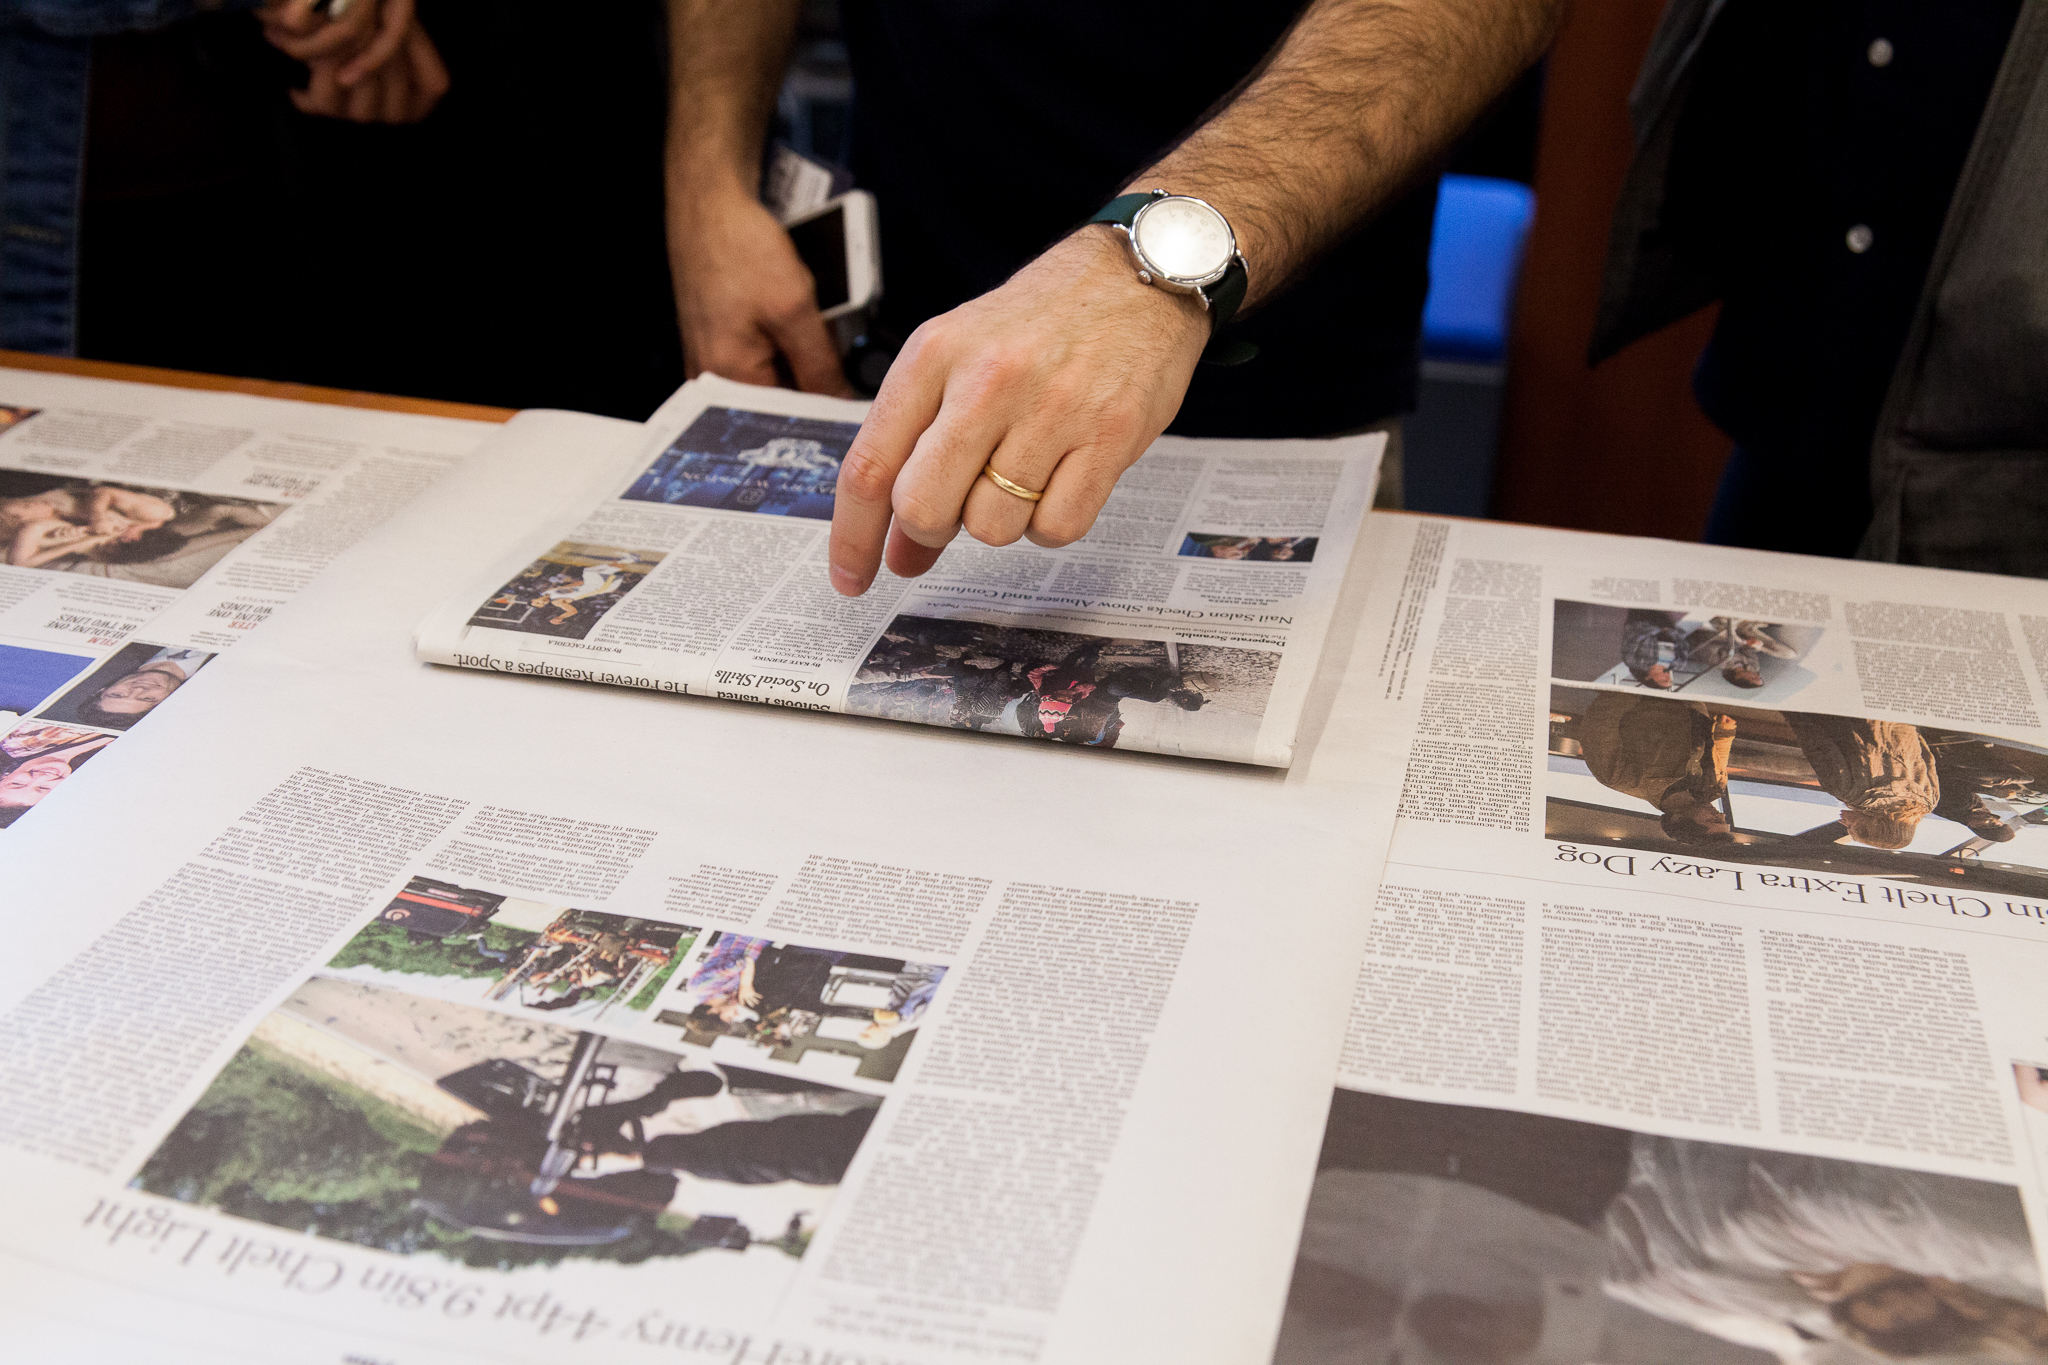 camuglia-aigany-newyorktimes-034-0729-web.jpg